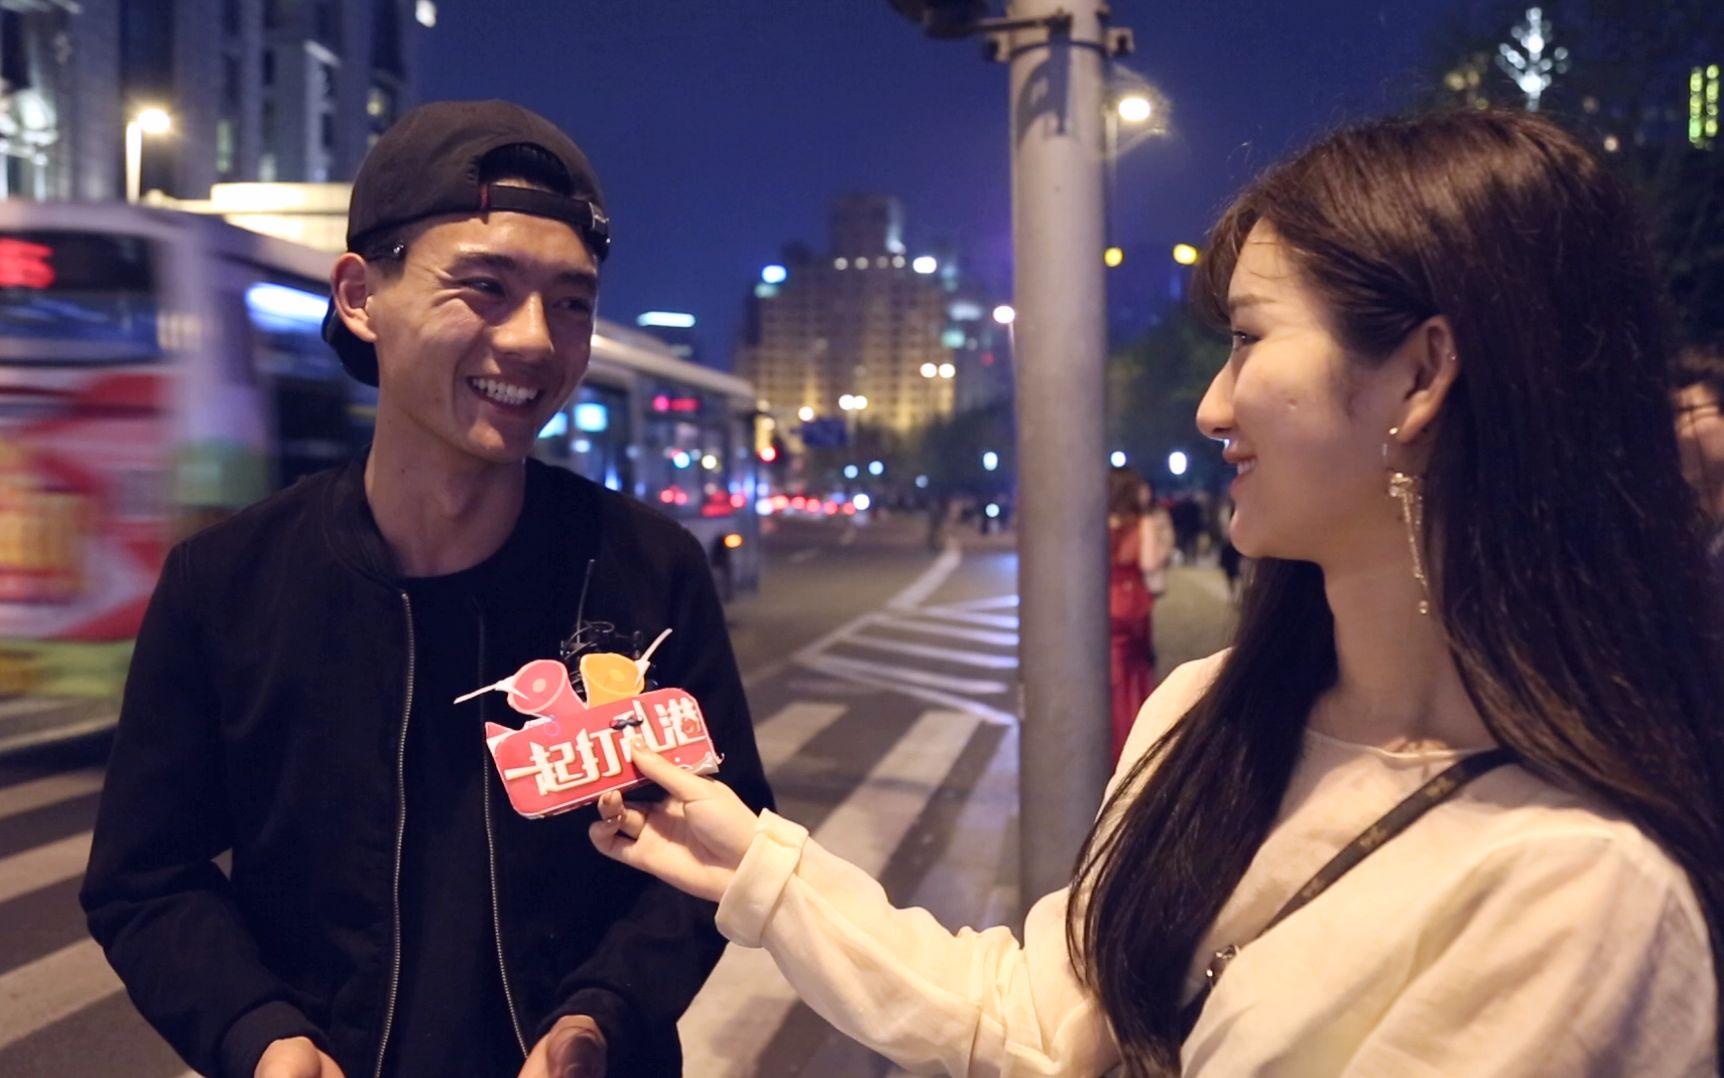 上海视频一炮污是方言?再用它来造句,简搓澡搞笑意思图片